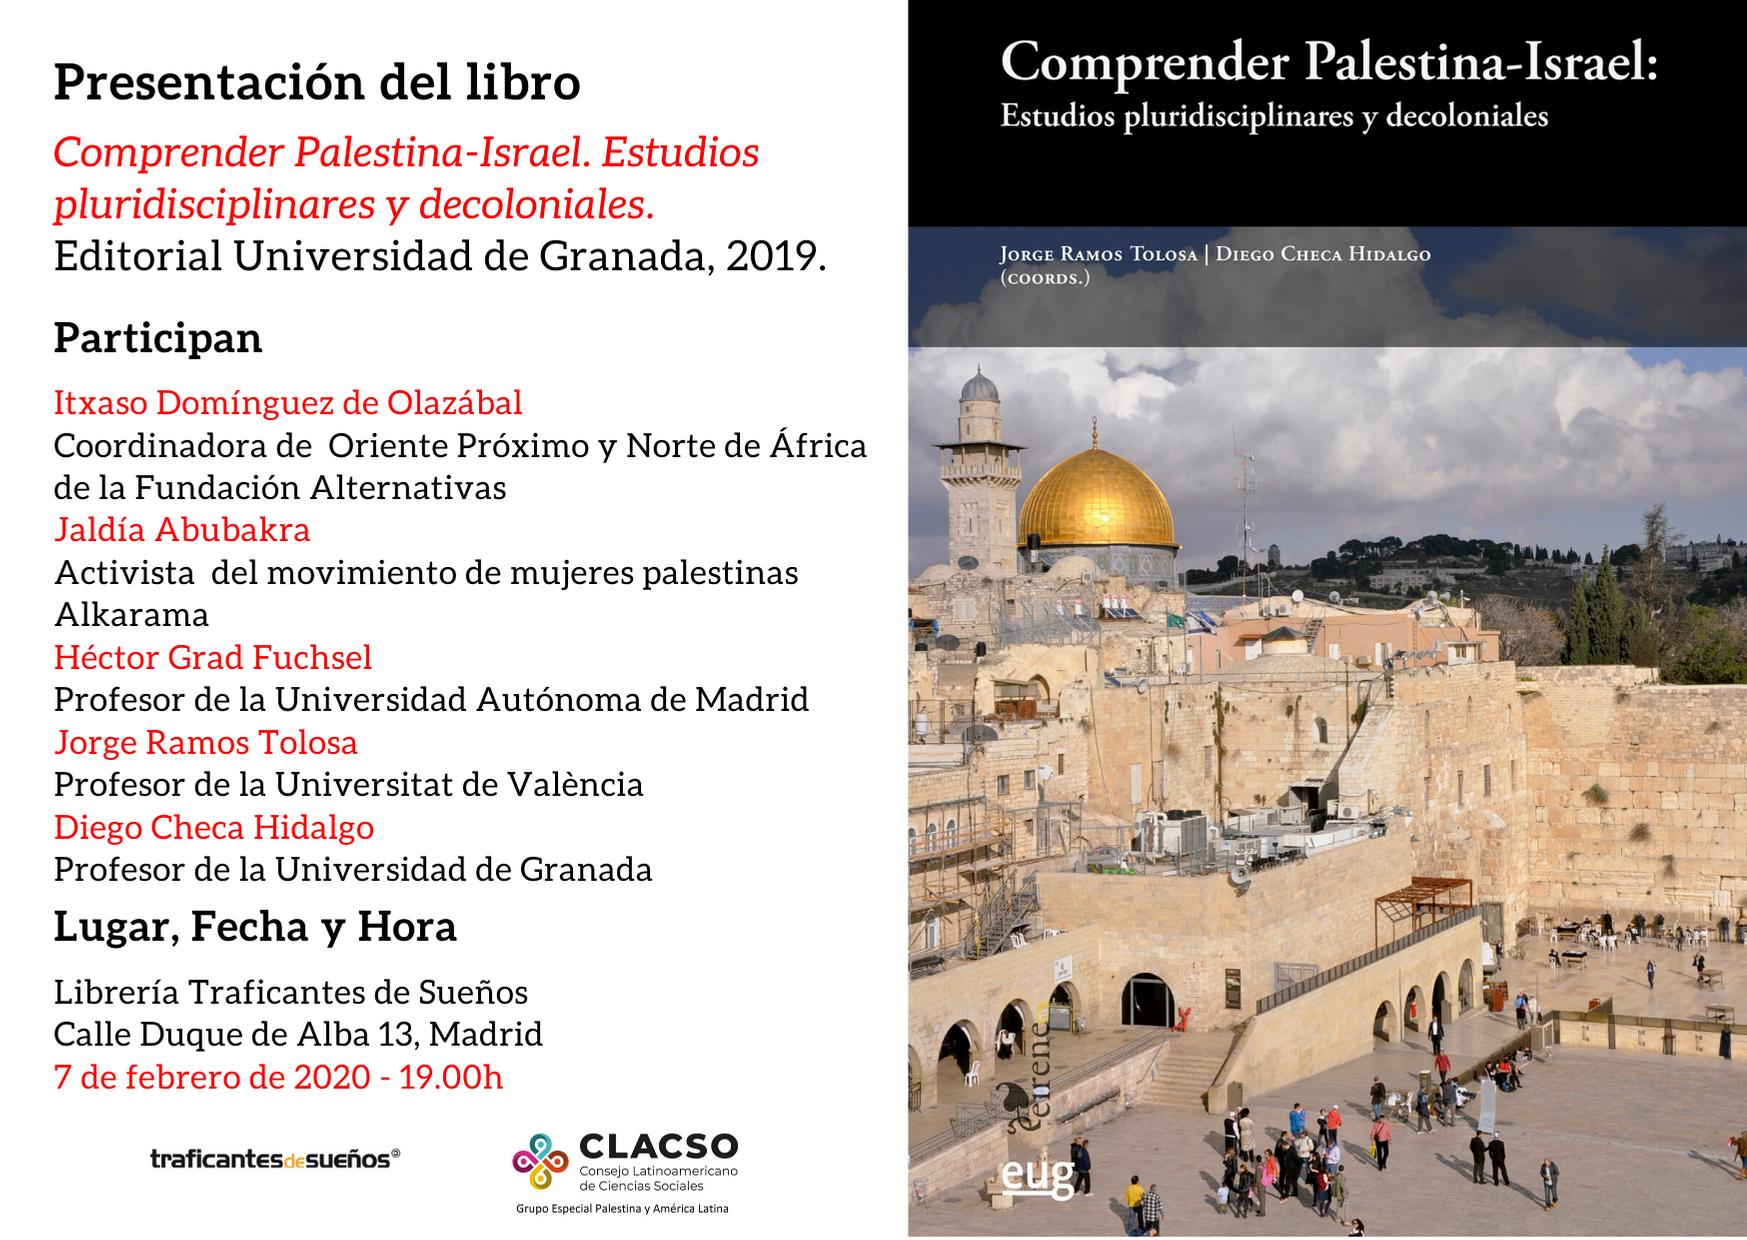 03_Presentación Madrid 2020_7 Feb.png